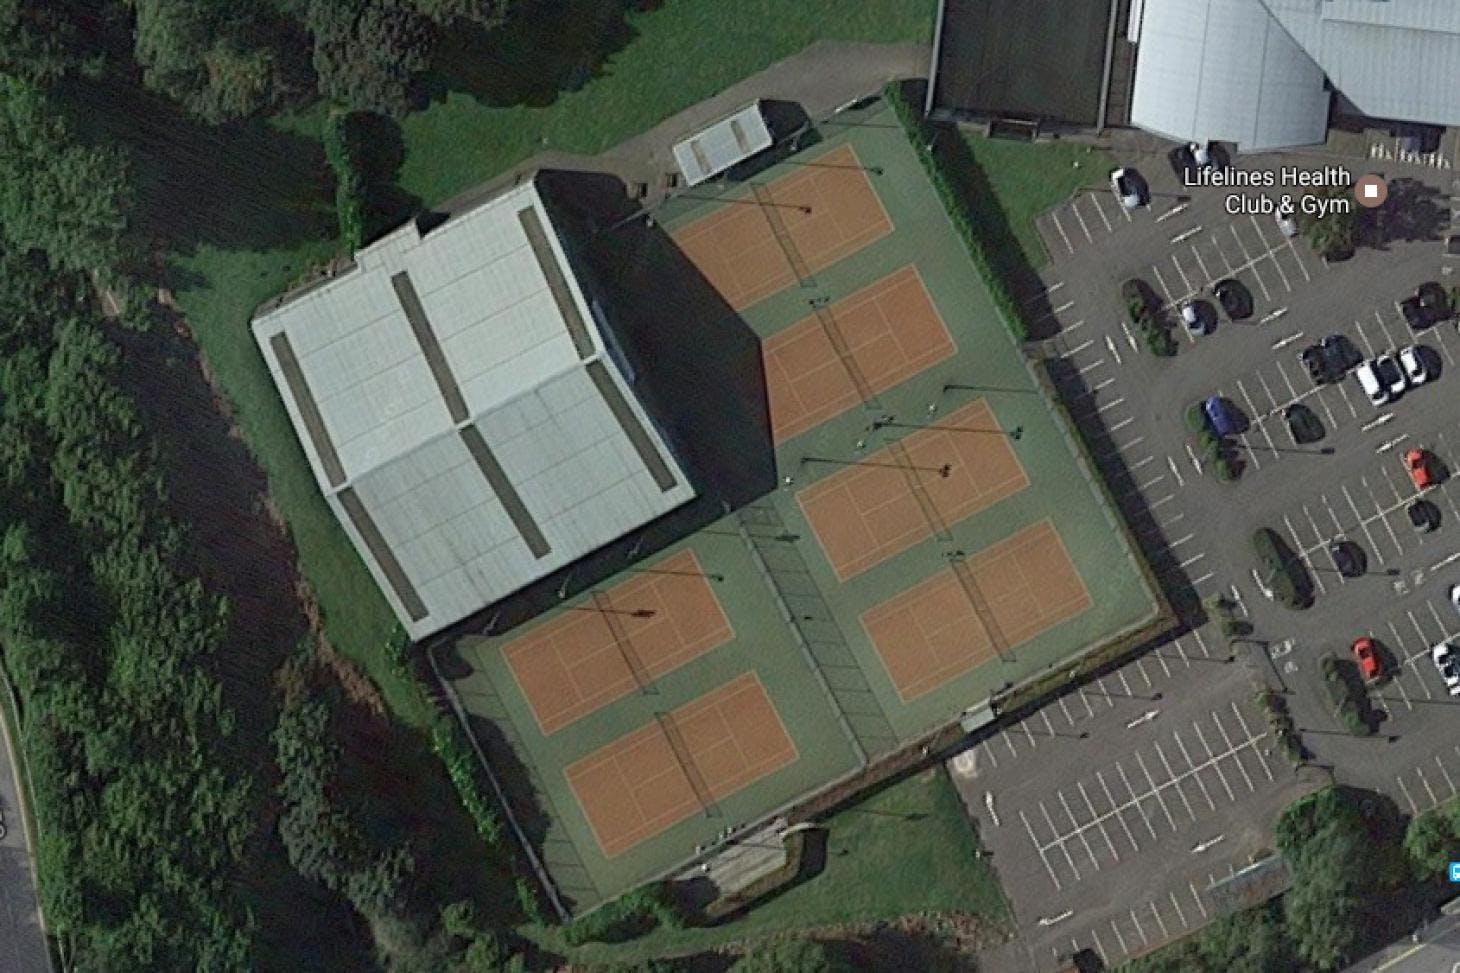 Venue 360 Outdoor | Hard (macadam) tennis court